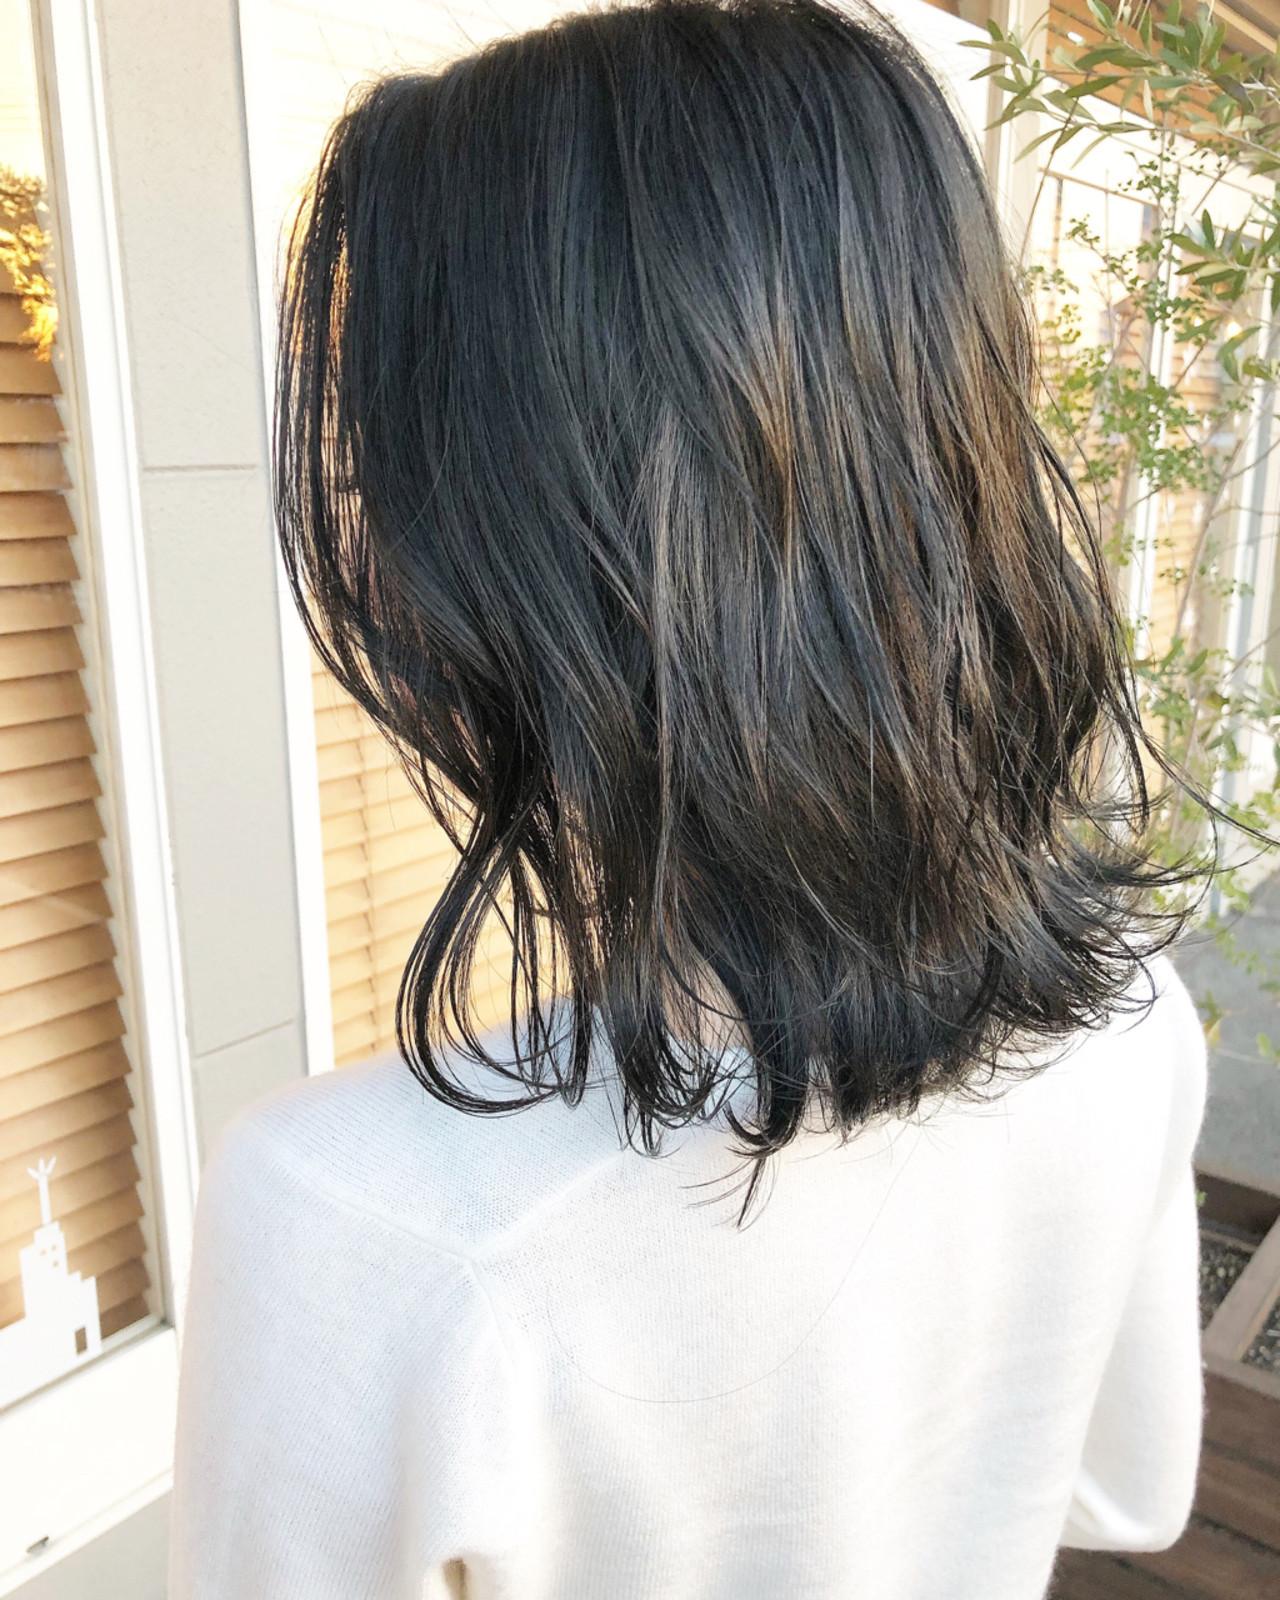 ブルーブラック イルミナカラー 外国人風 ミディアム ヘアスタイルや髪型の写真・画像